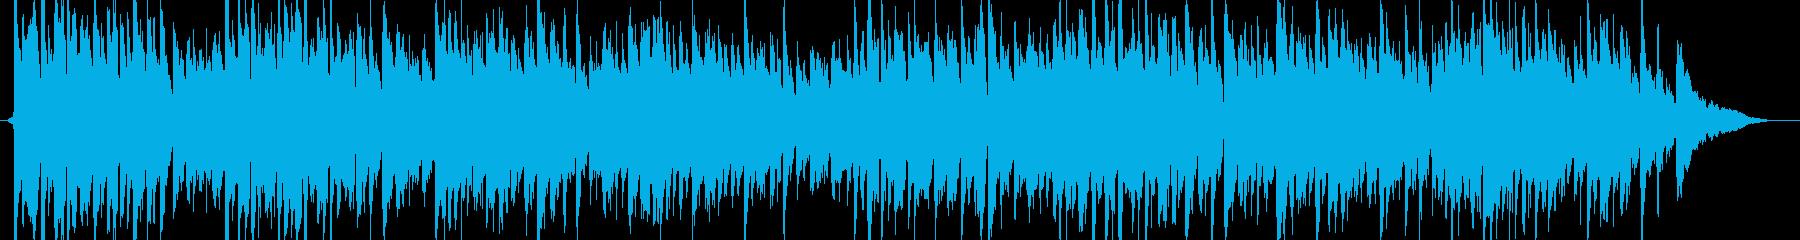 星空ギター プラネタリウム ウェディングの再生済みの波形